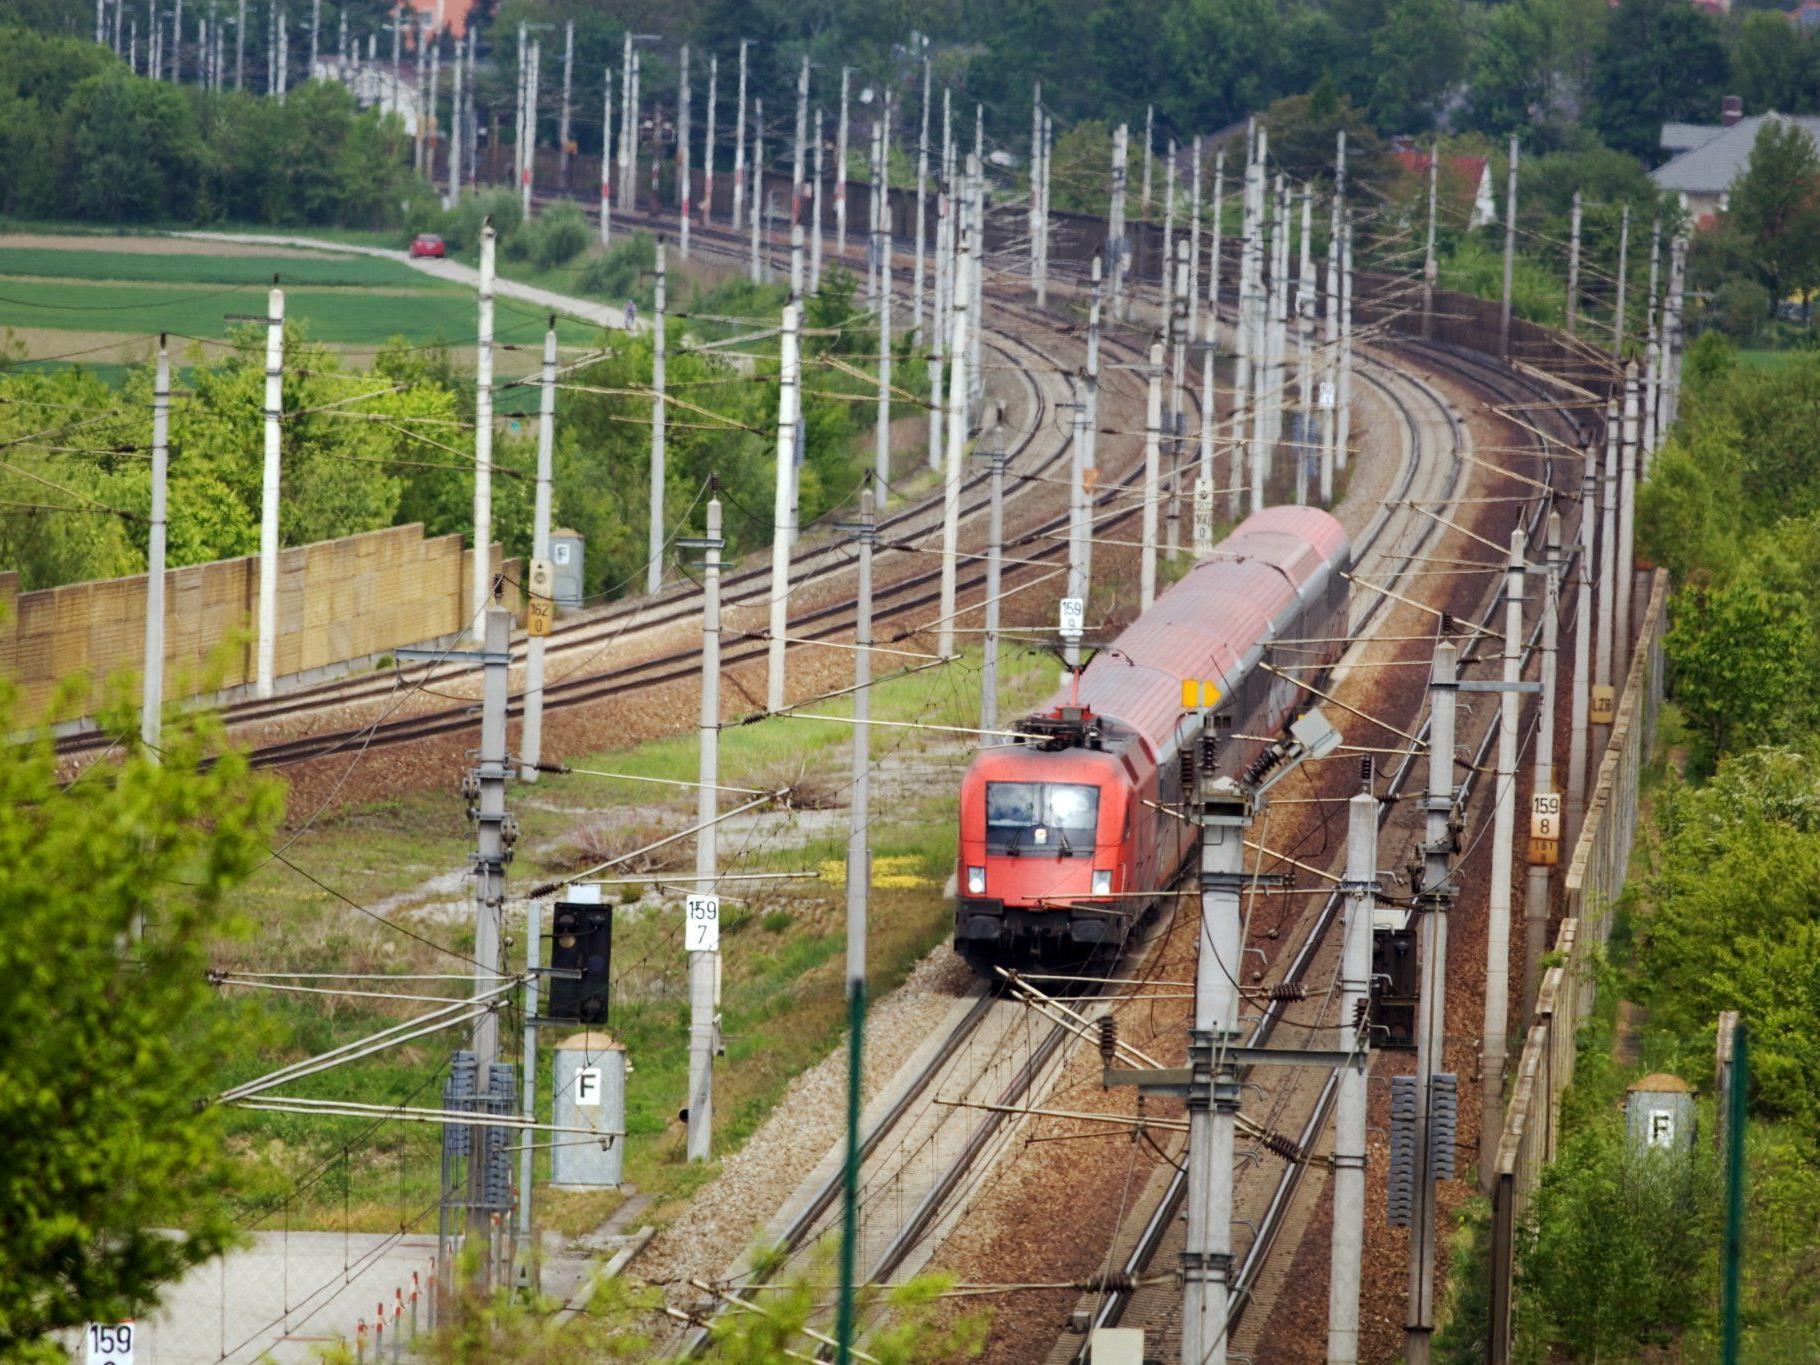 Ein 14-jähriger Bub wurde von der Aspangbahn erfasst und getötet.